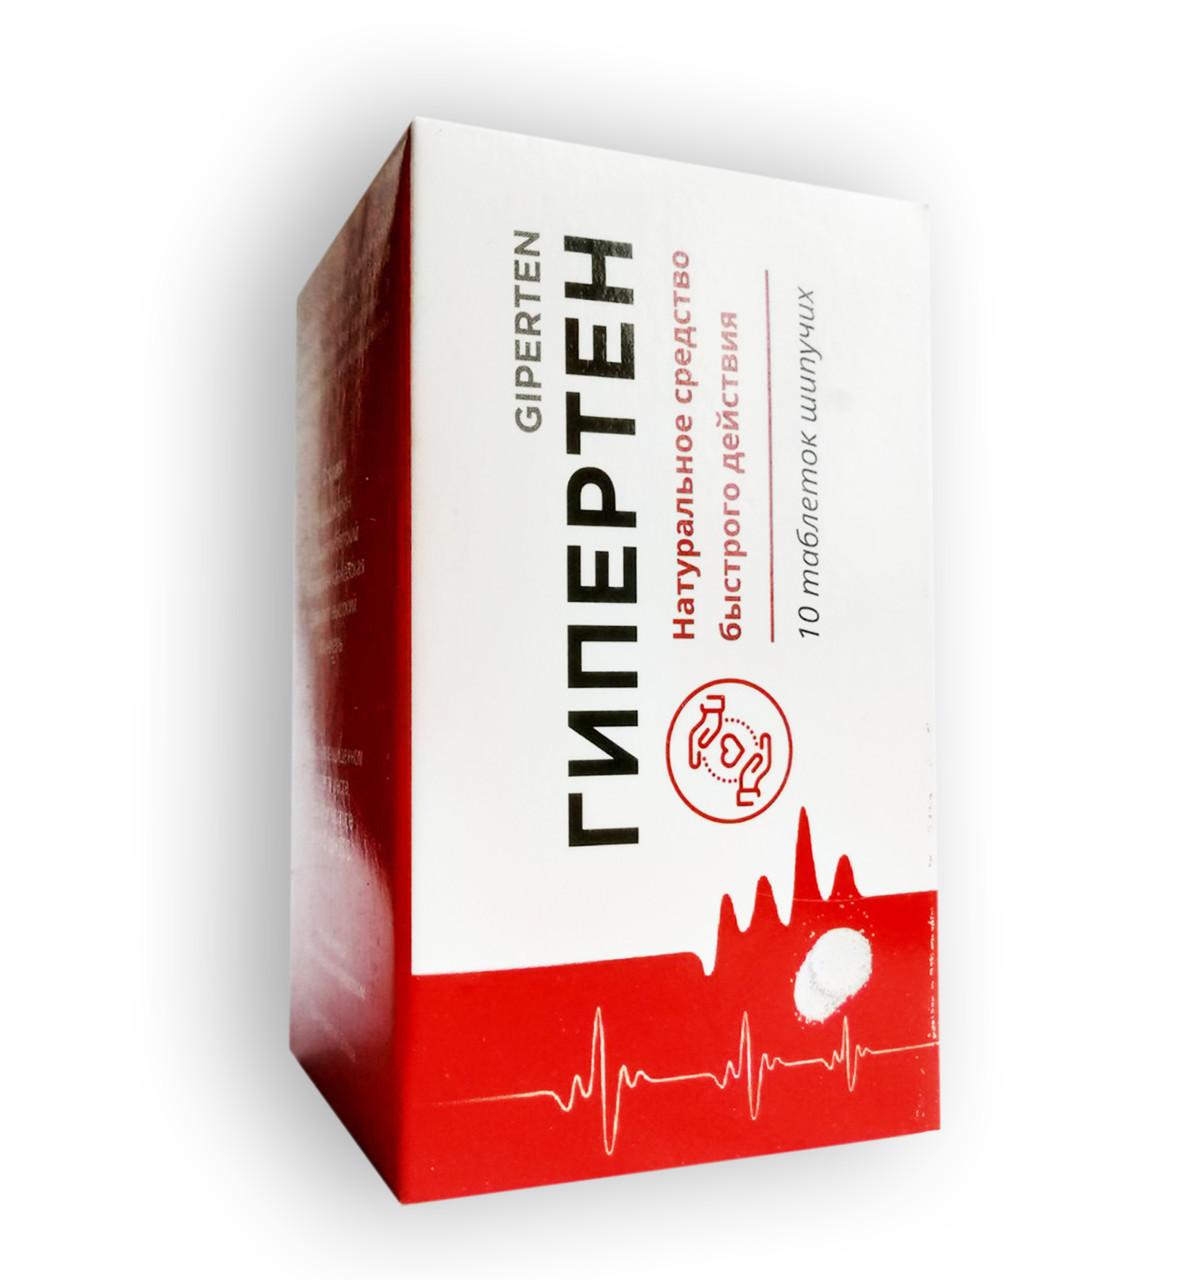 Гипертен - Шипучі таблетки від тиску